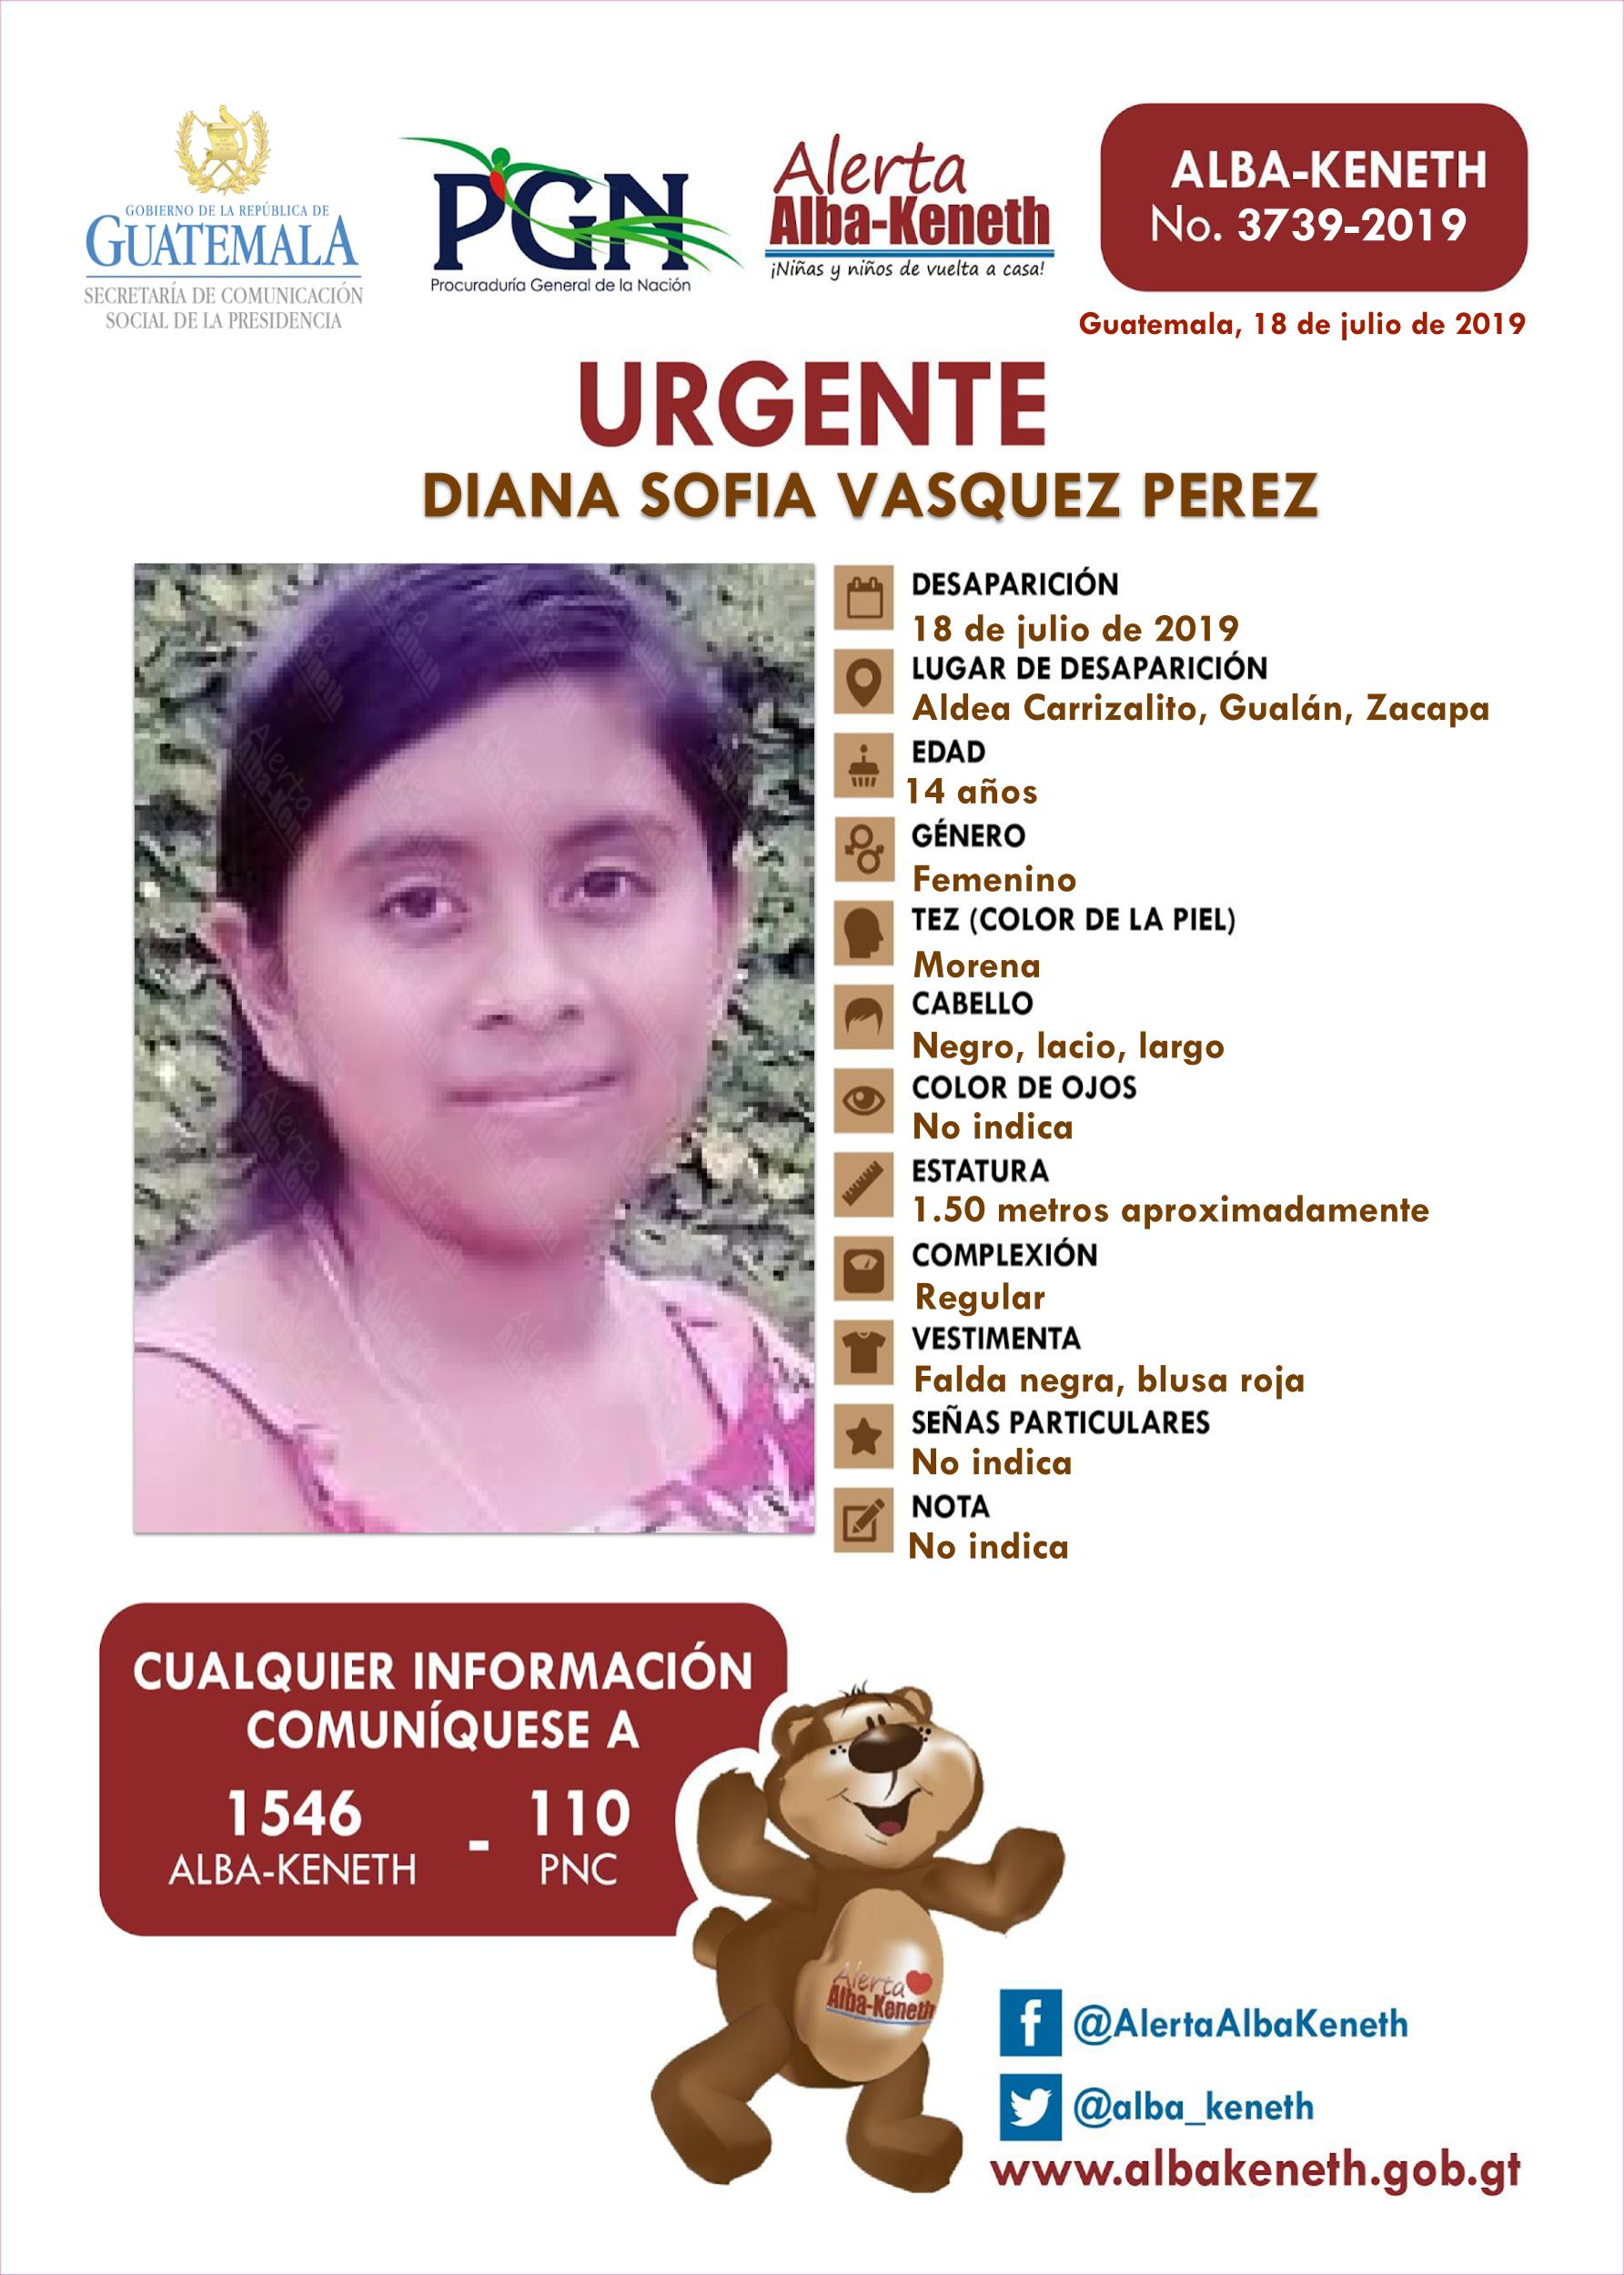 Diana Sofia Vasquez Perez